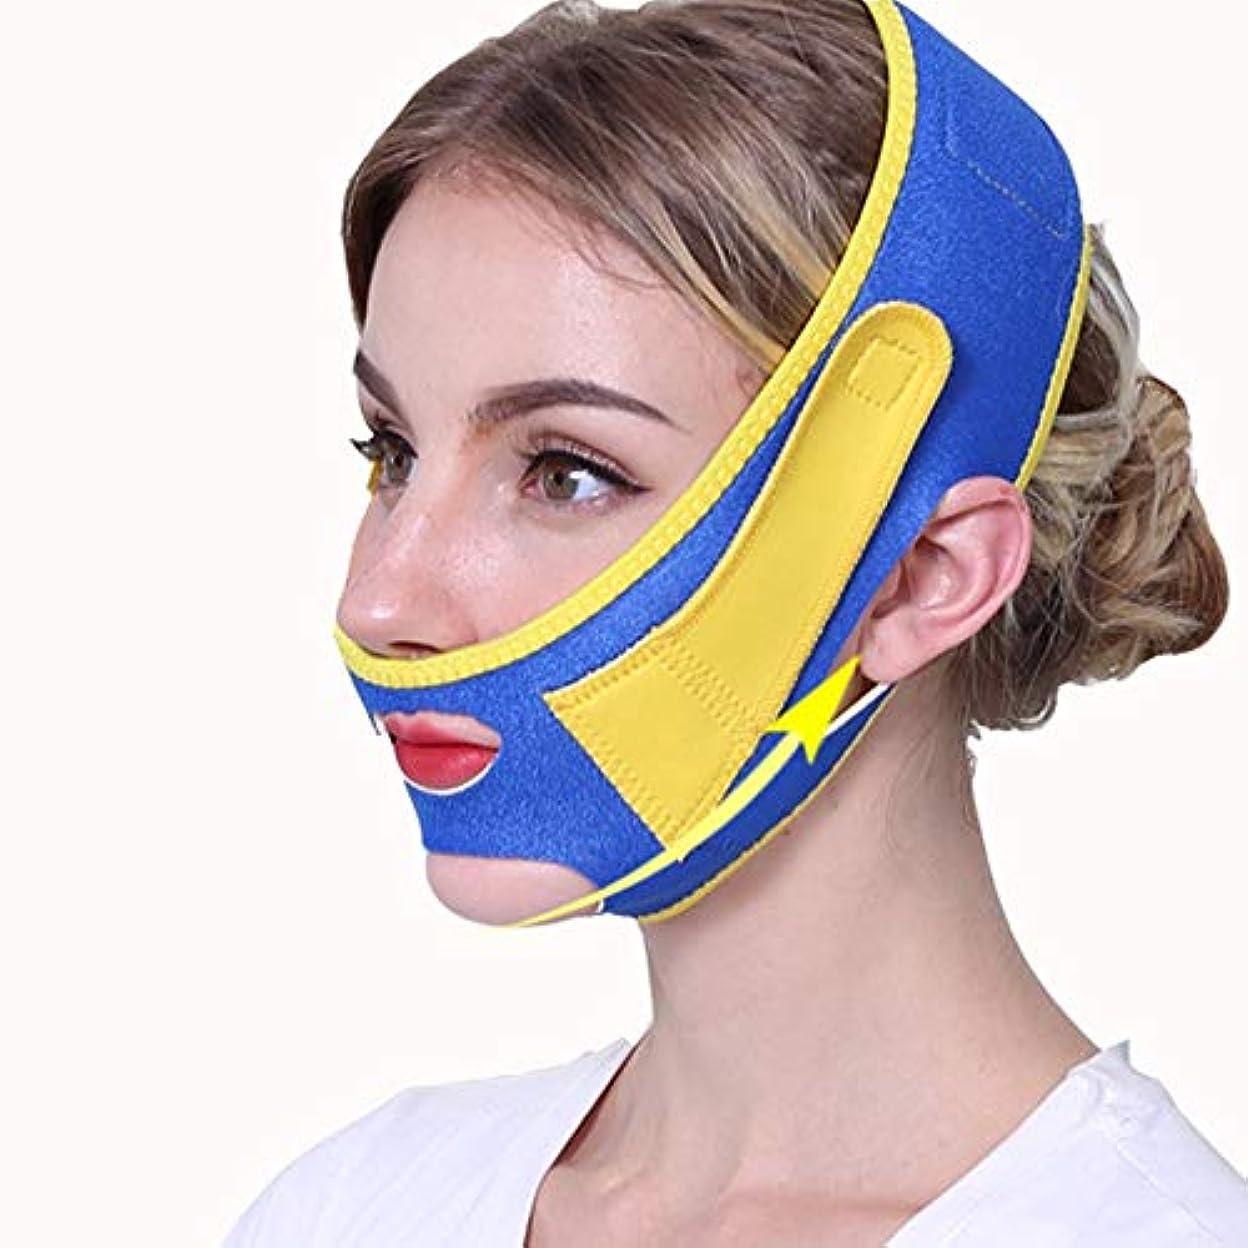 付き添い人普遍的な歩き回るXINGZHE フェイシャルリフティング痩身ベルトフェイス包帯マスク整形マスクフェイスベルトを引き締める薄型フェイス包帯整形マスクフェイスと首の顔を引き締めスリム フェイスリフティングベルト